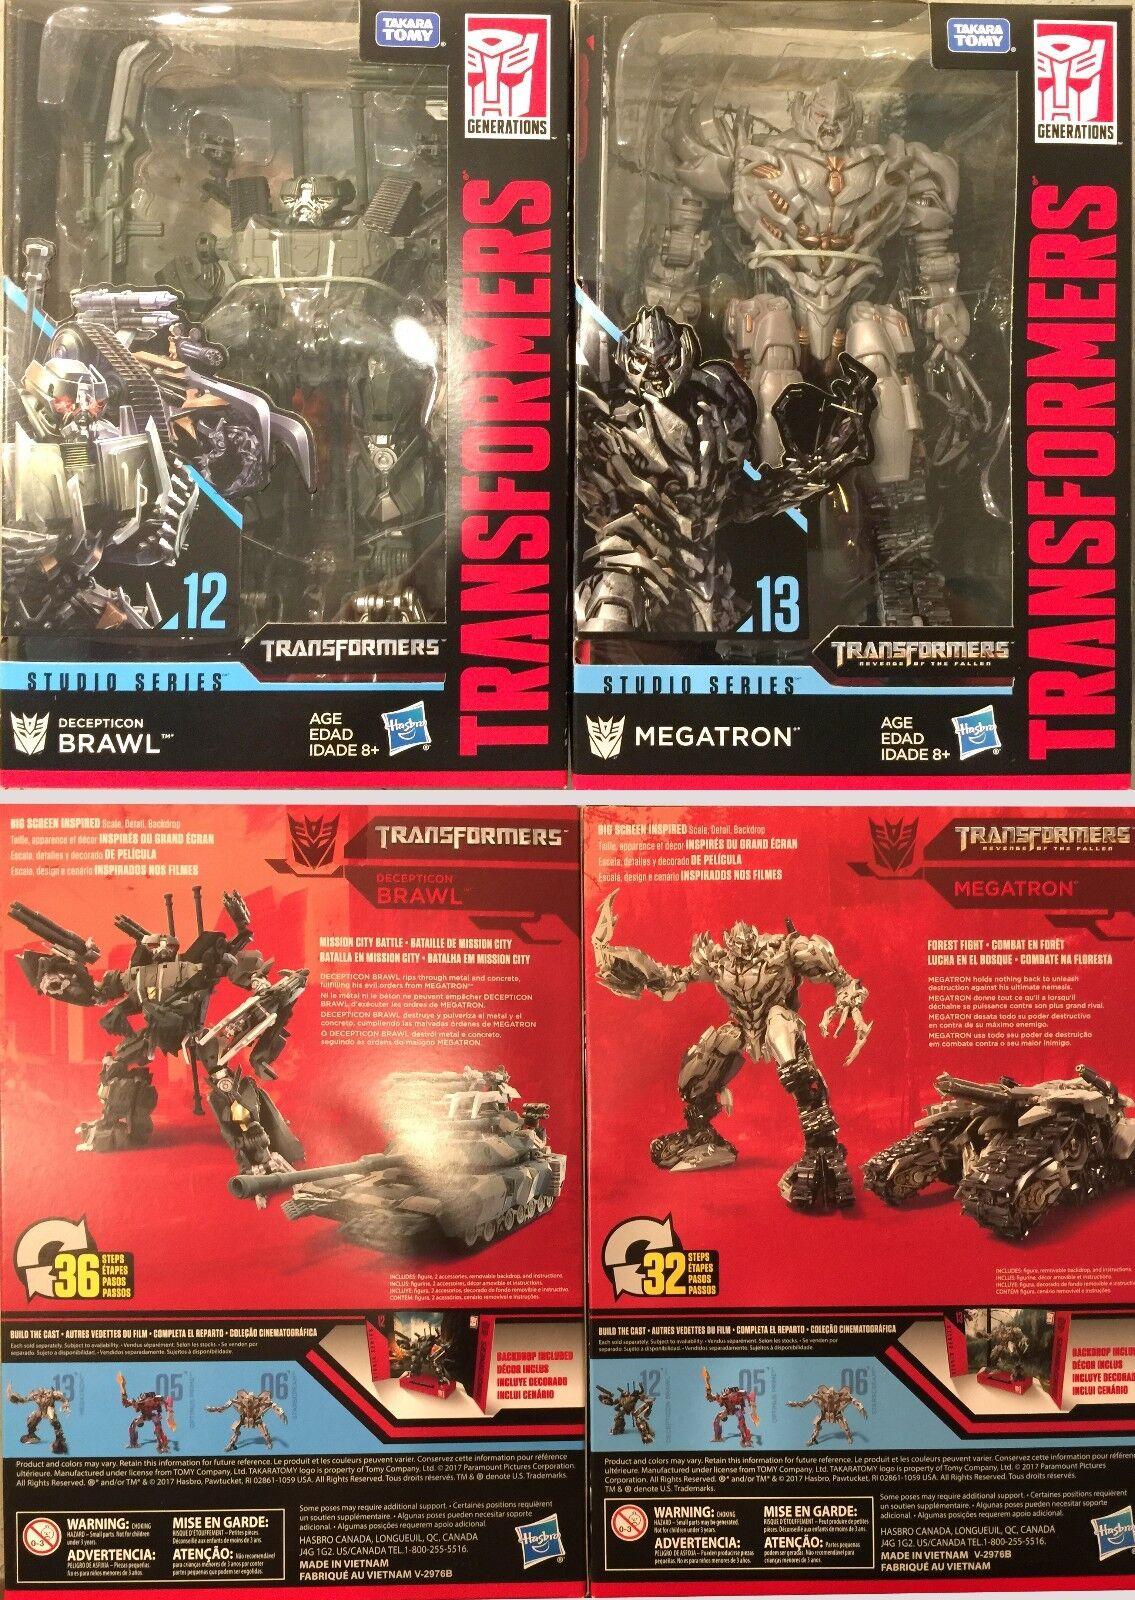 Transformers Studios Serie Voyager Wave 2 Decepticon Brawl Y Megatron - 2 Pcs